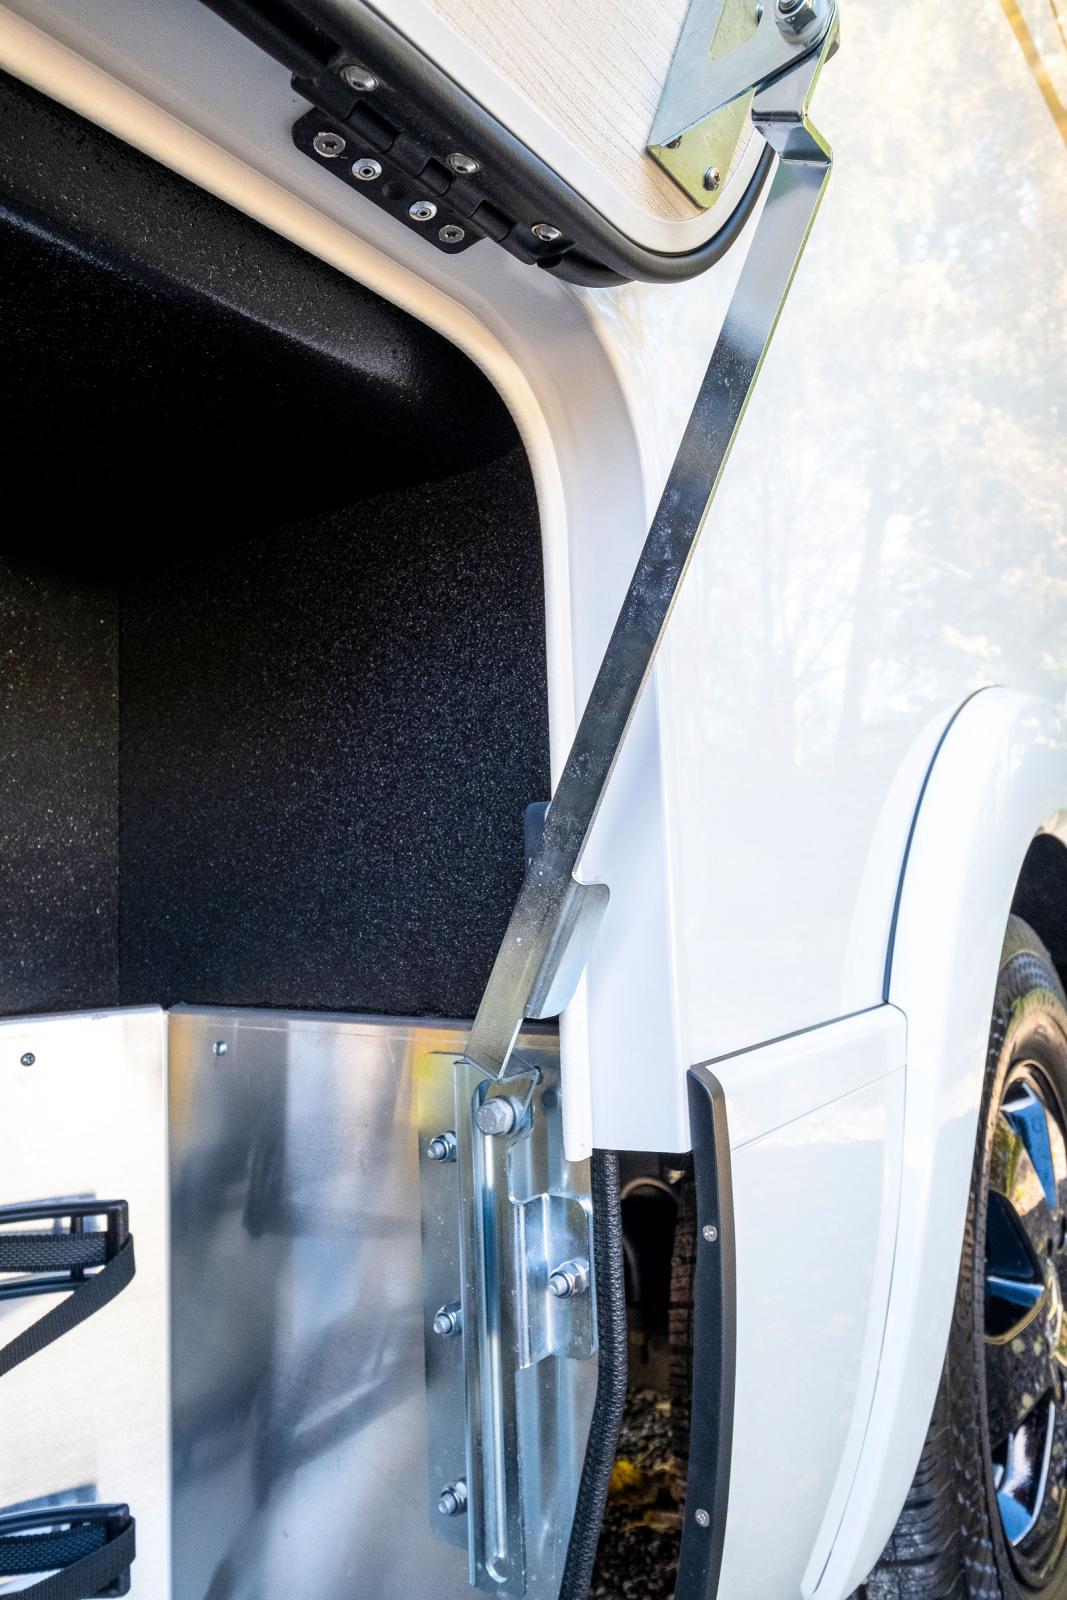 Ett enklare och kanske lättare och mer hållbart sätt att hålla luckorna i uppfällt läge. Många andra använder gasfjädrar här.